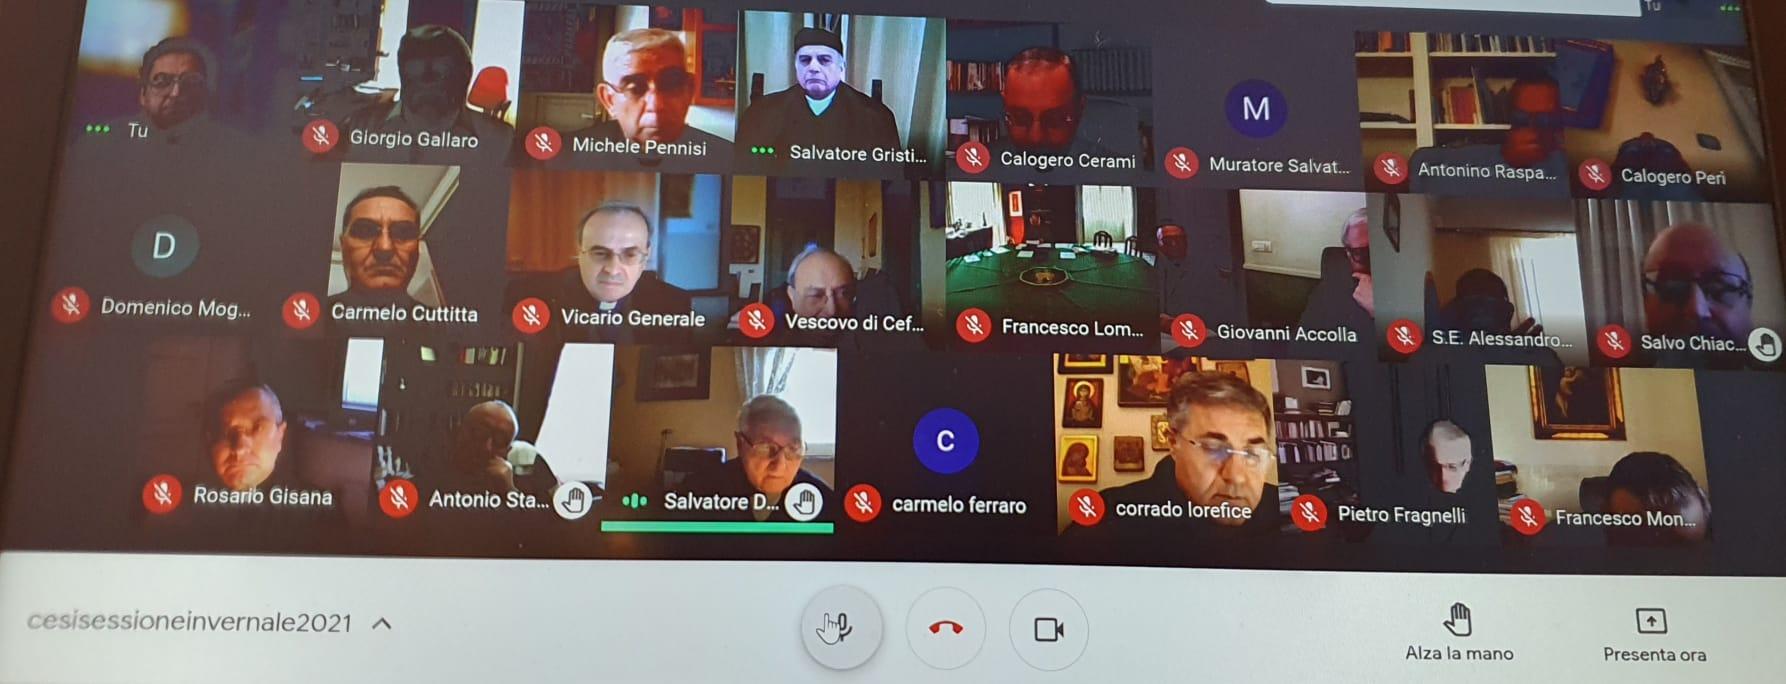 COMUNICATO FINALE DELLA SESSIONE INVERNALE DELLA CESI